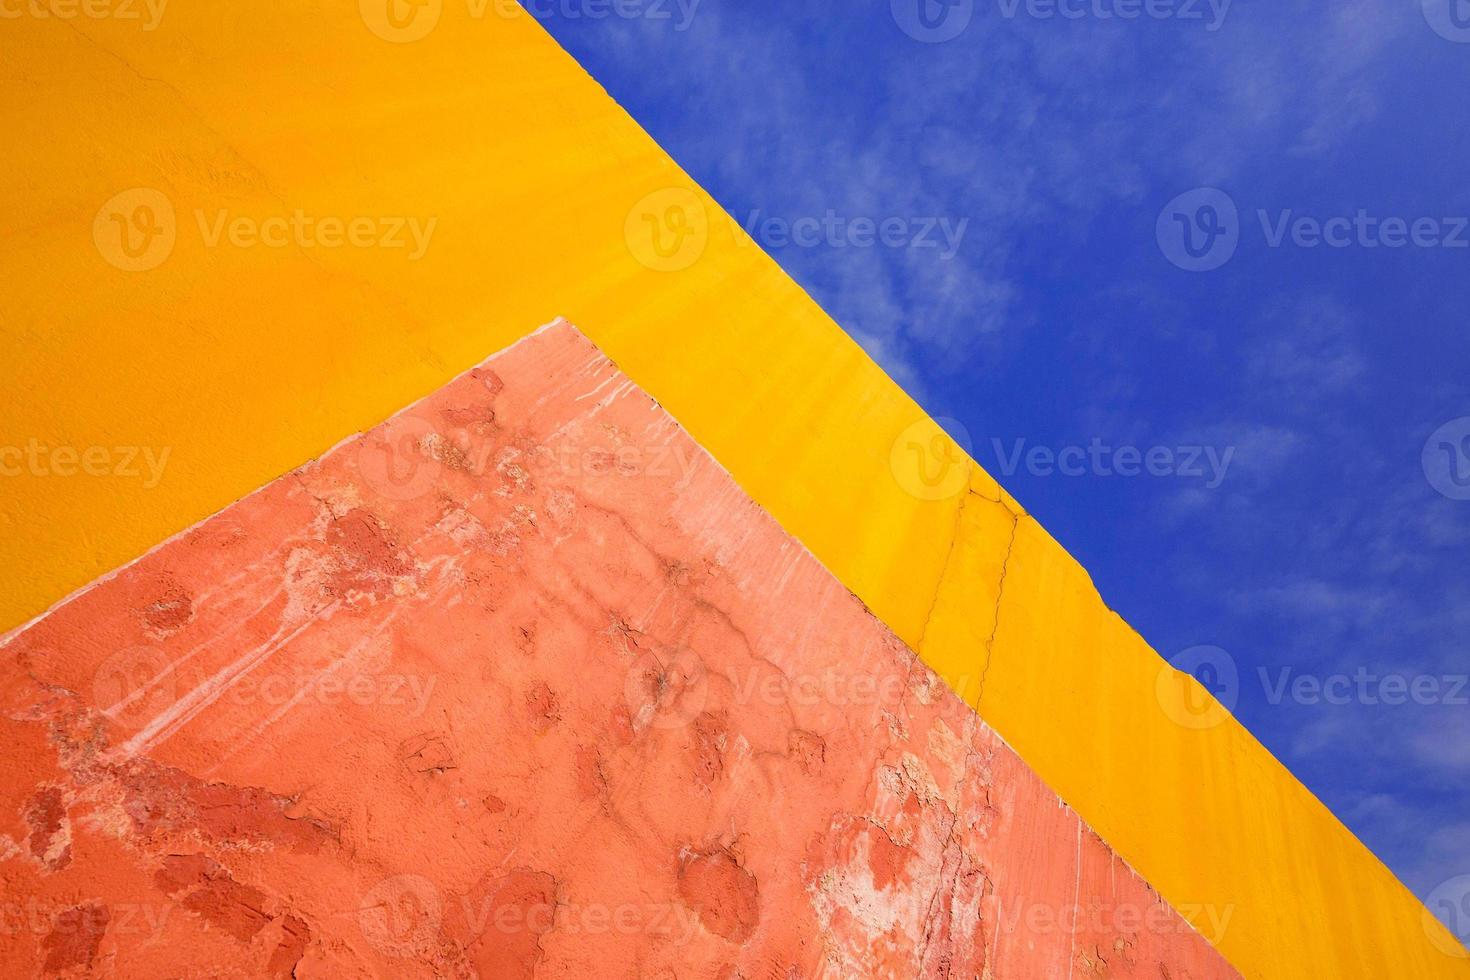 färgglada mönster, gipsväggar och himmel för bakgrunden. foto